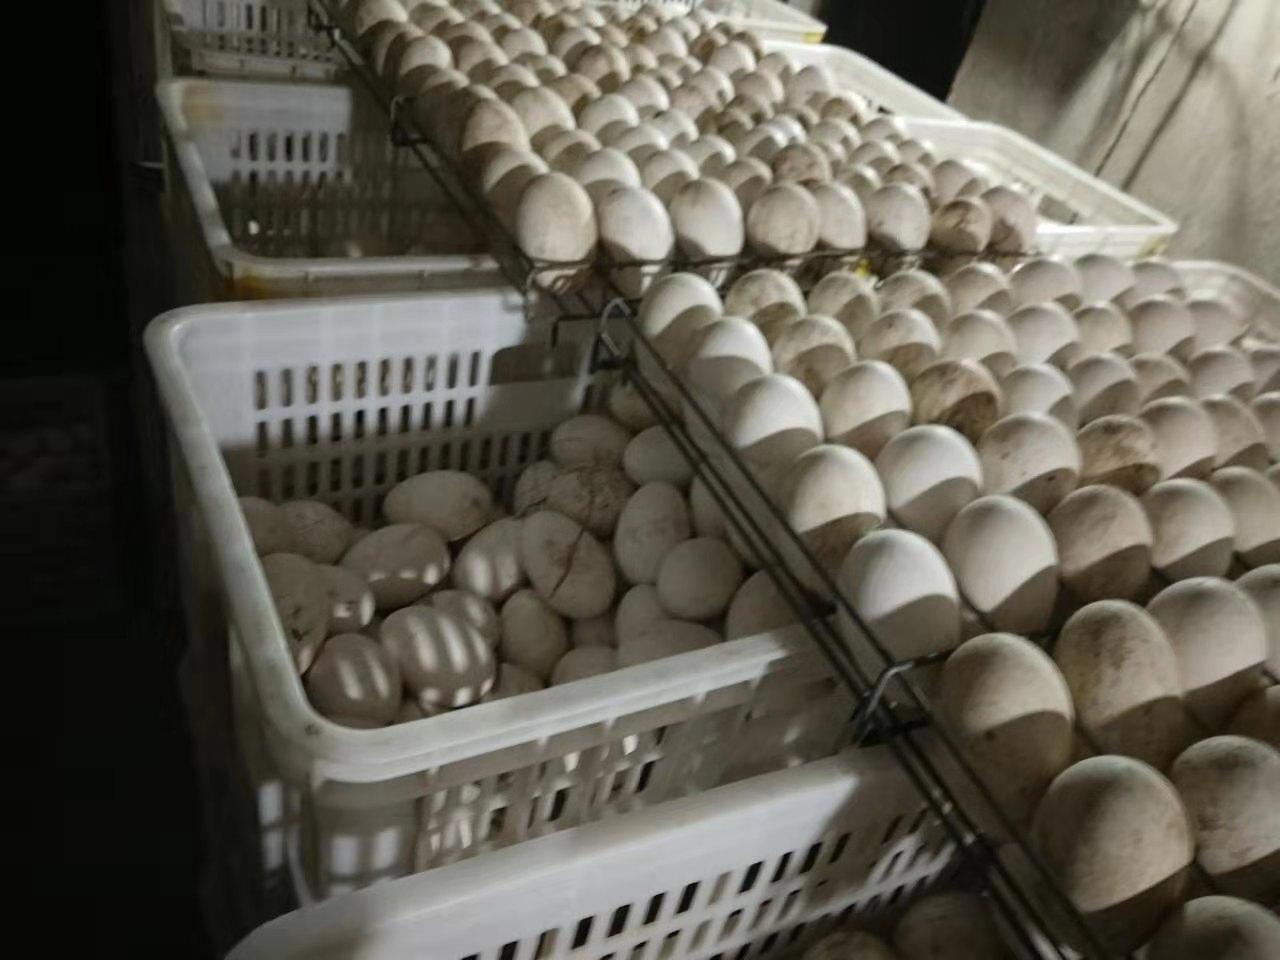 咱们在孵化鹅苗的时候该怎么做?怎么孵化鹅苗?如何养殖鹅苗?